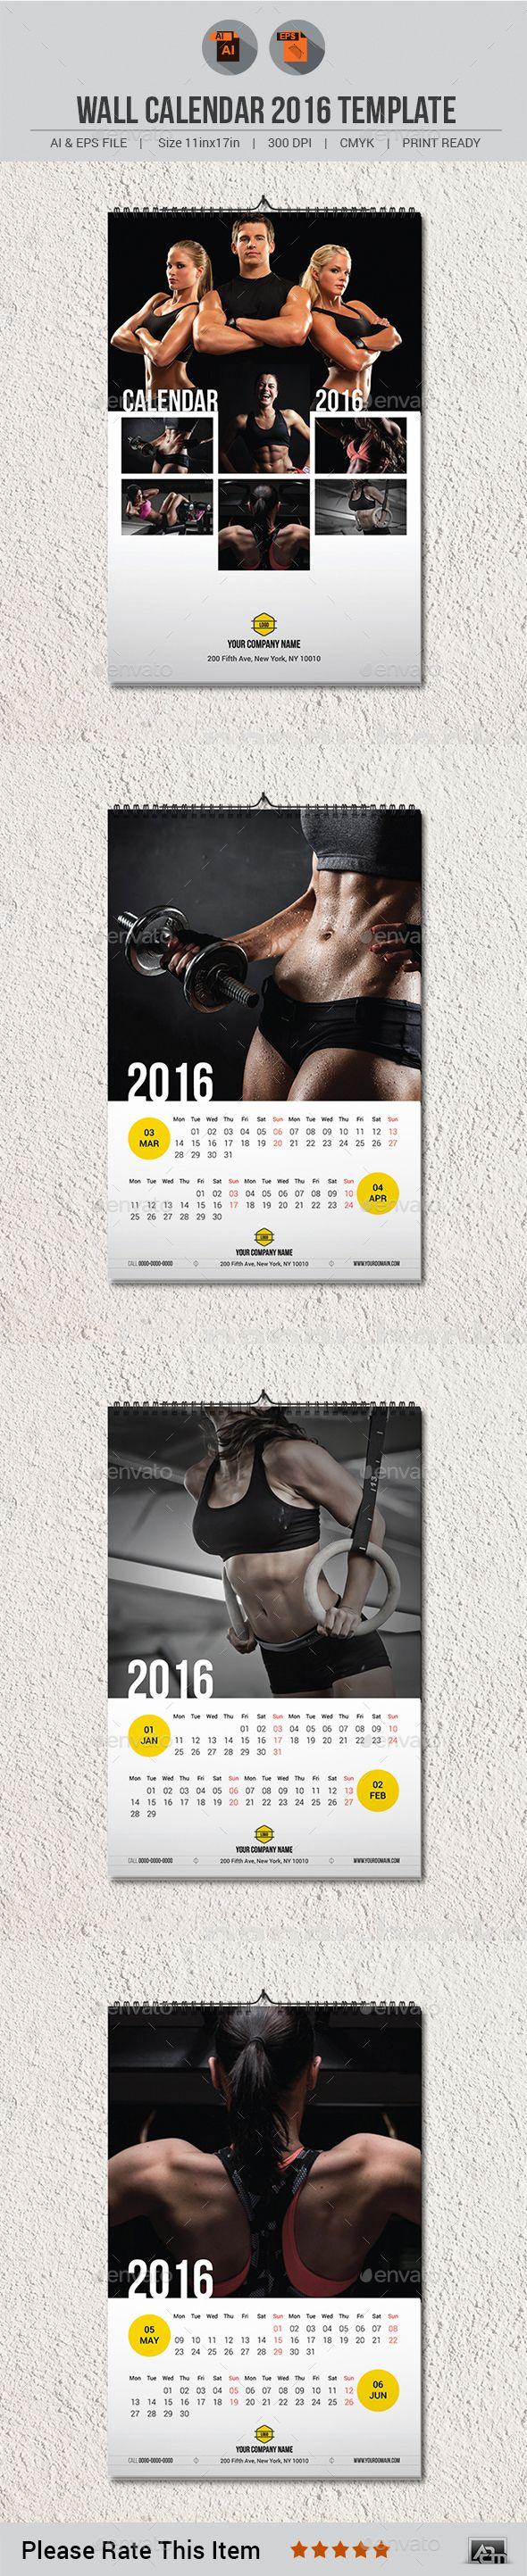 Wall Calendar 2016 Template